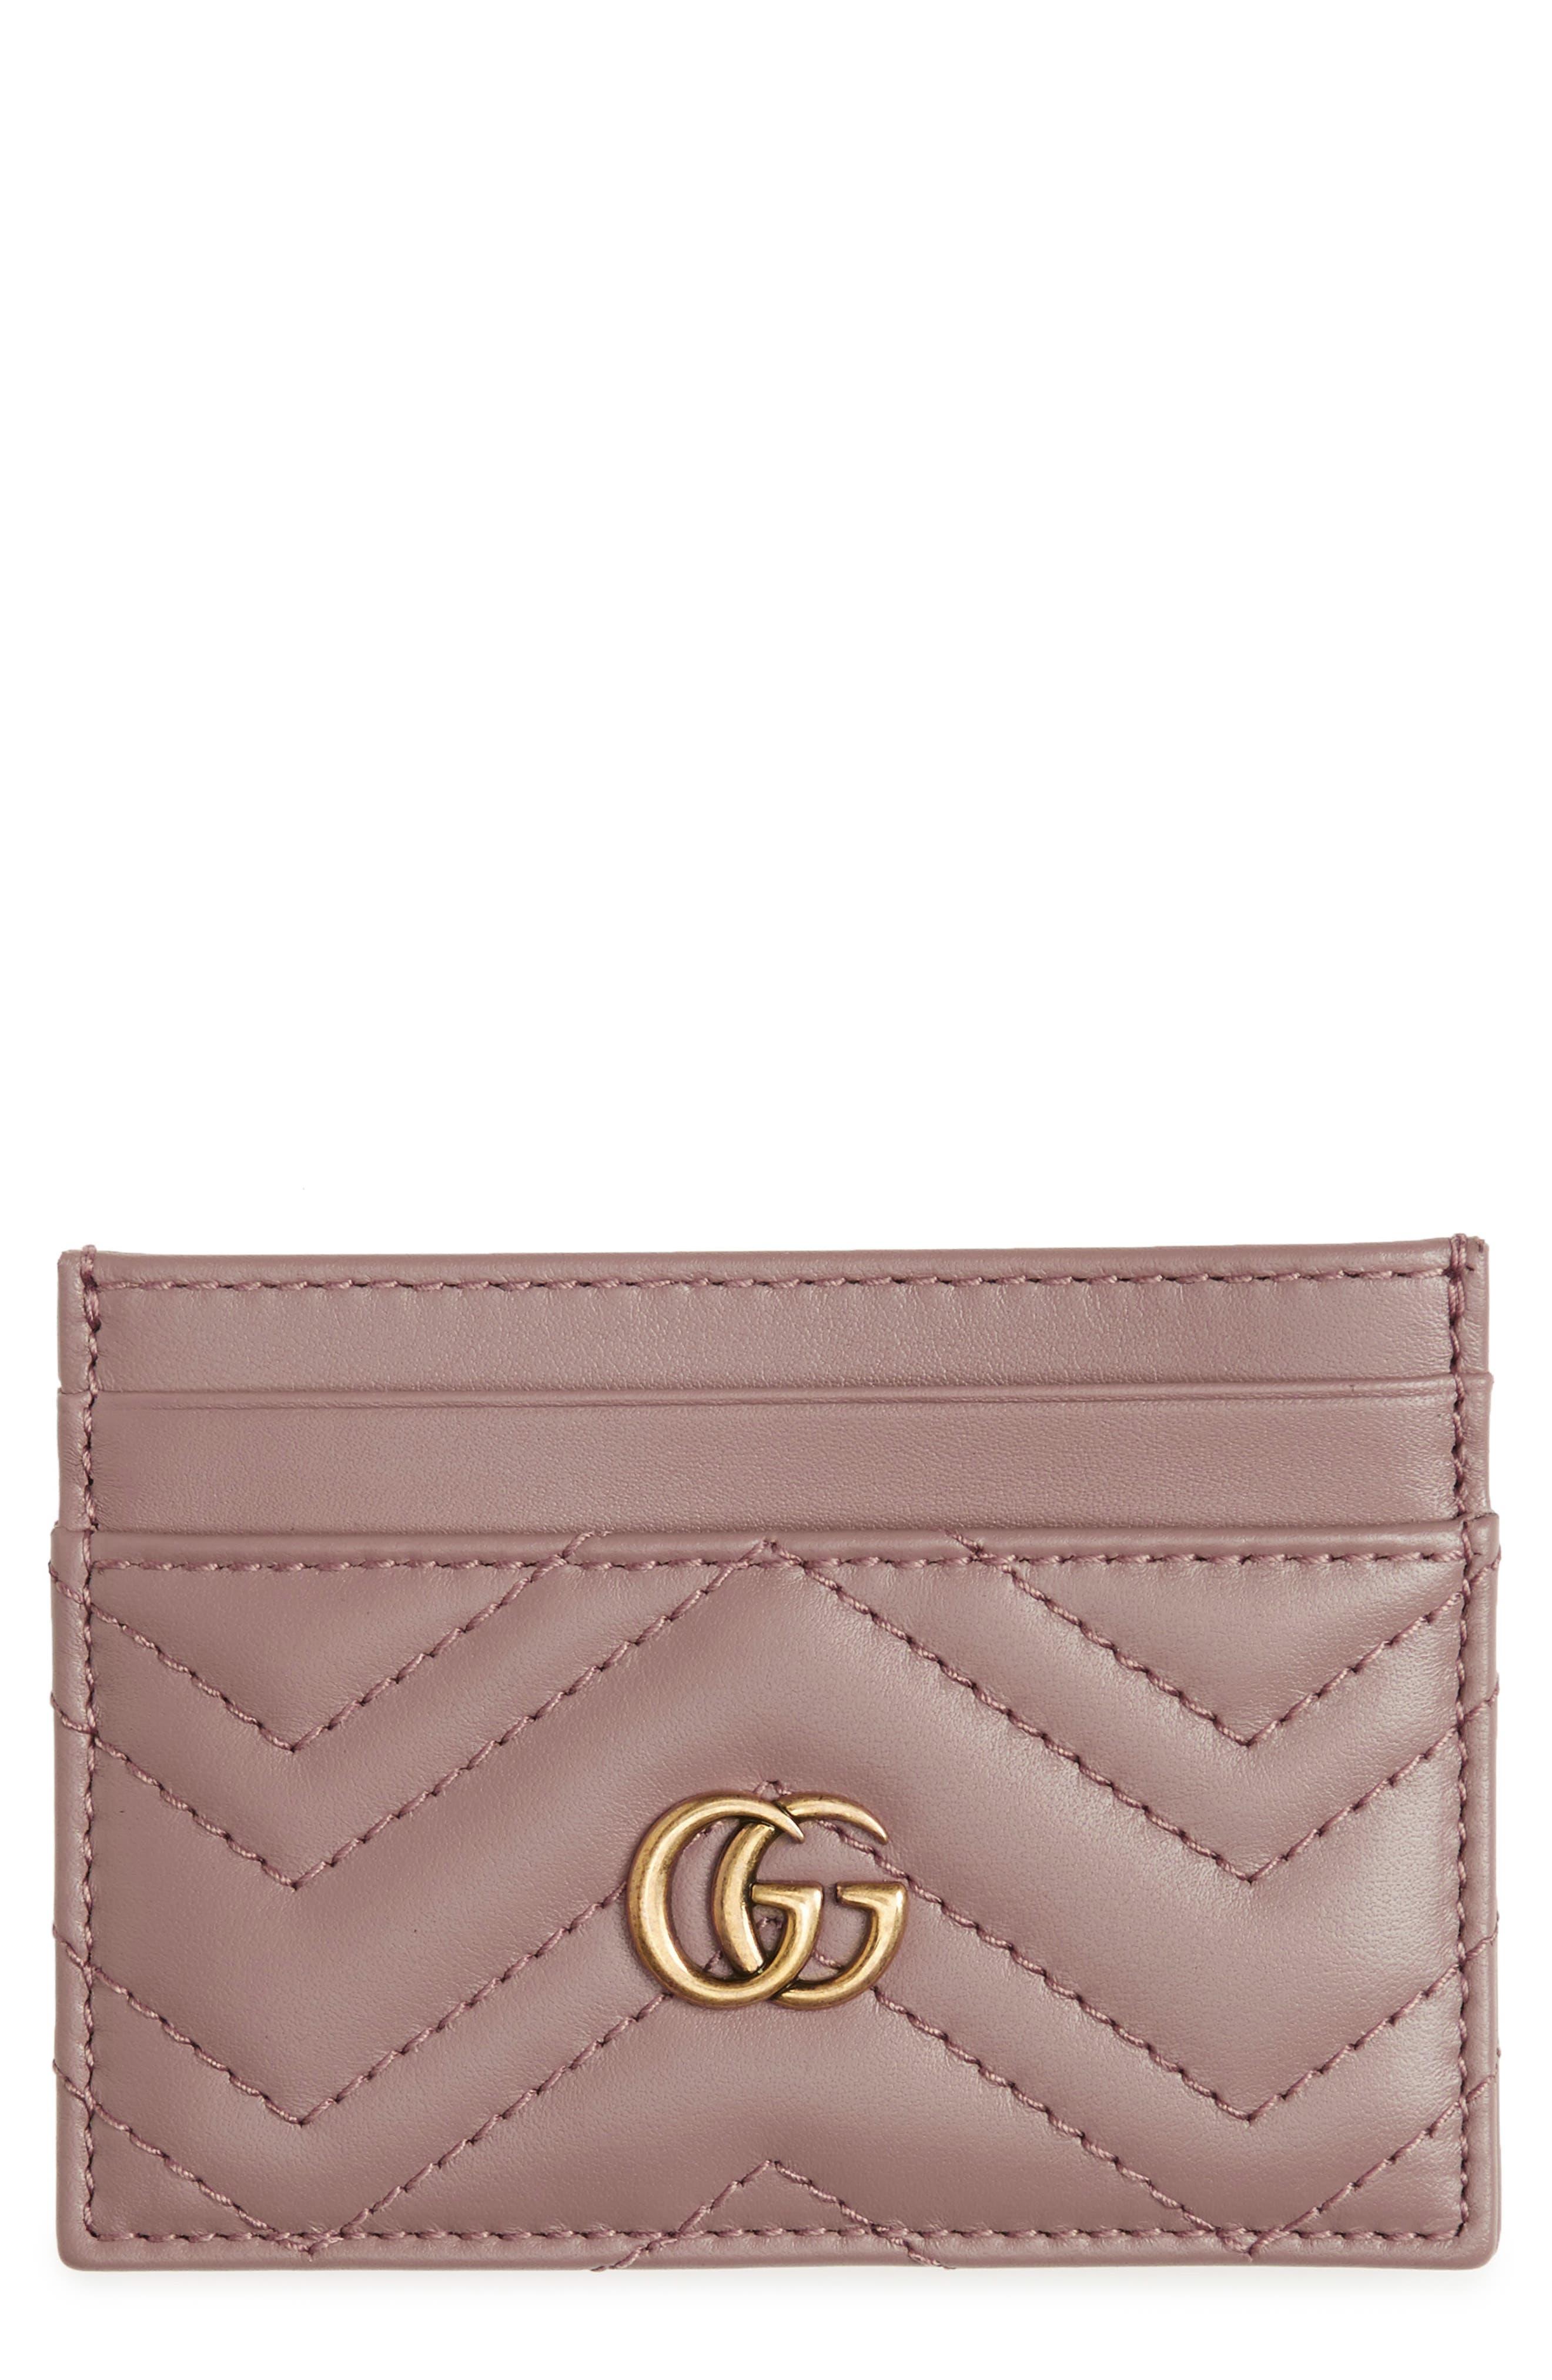 GG Marmont Matelassé Leather Card Case,                         Main,                         color, Porcelain Rose